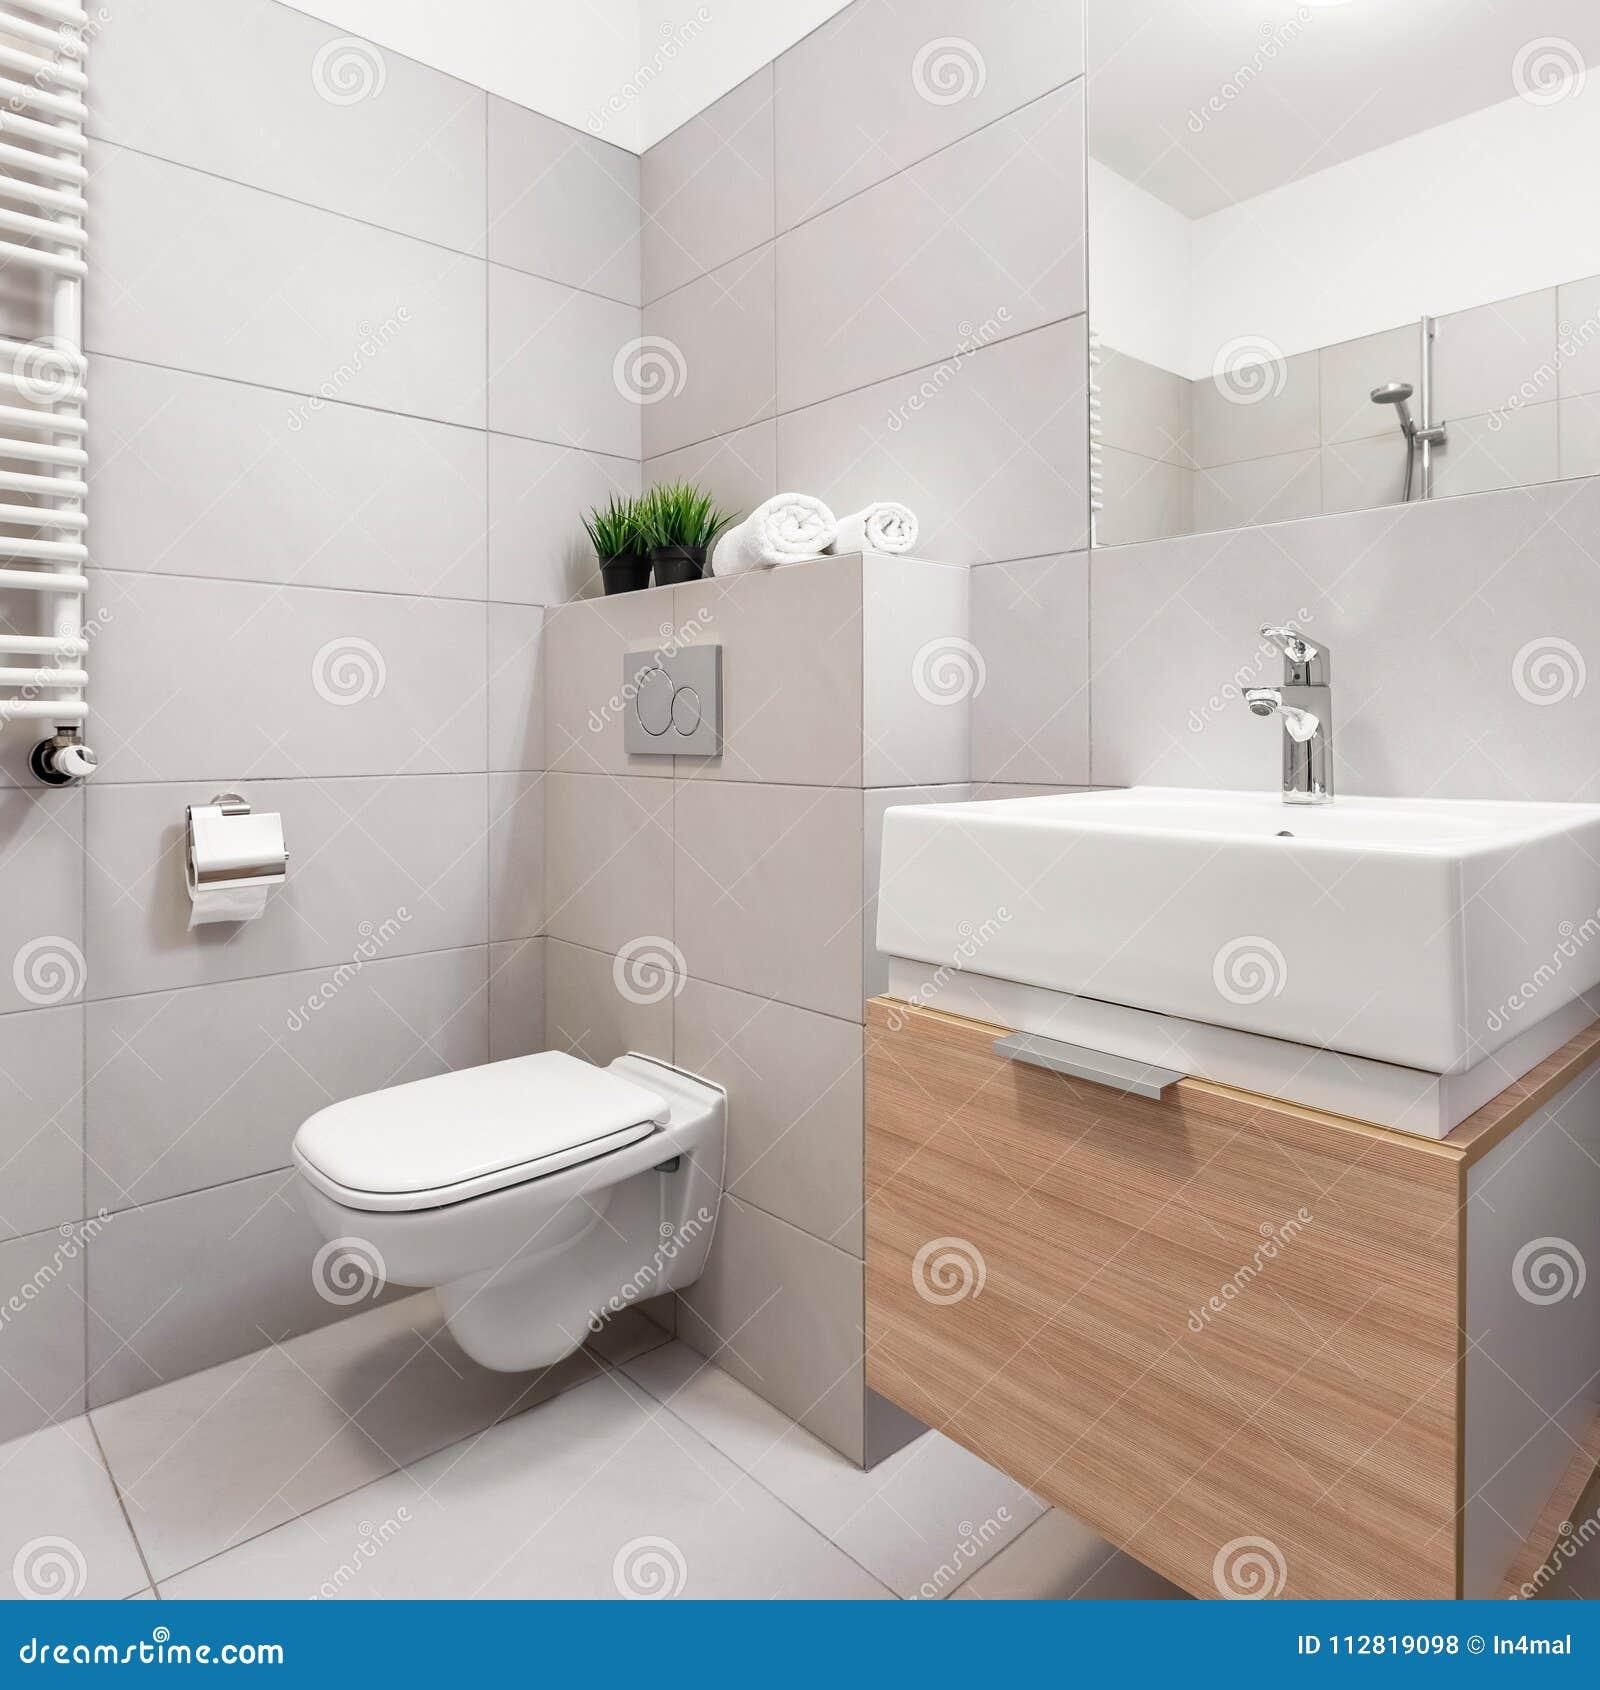 Salle De Bains Avec La Toilette Et Le Bassin Photo stock ...